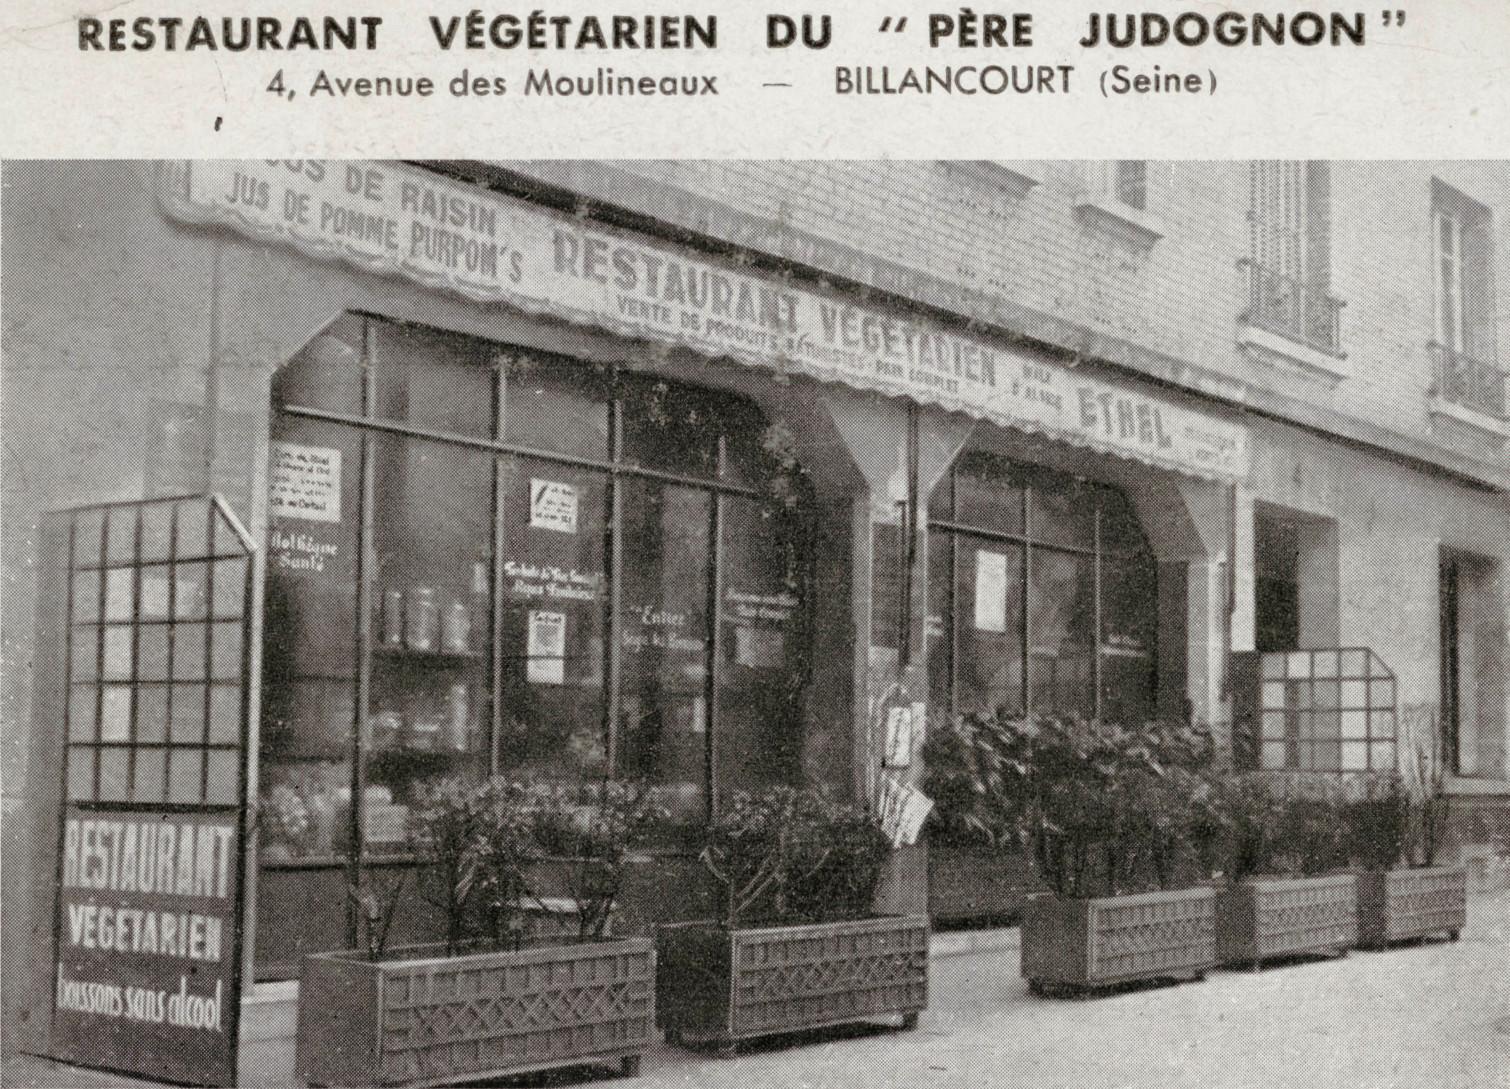 Restaurant végétarien du Père Judognon. Source : Delcampe